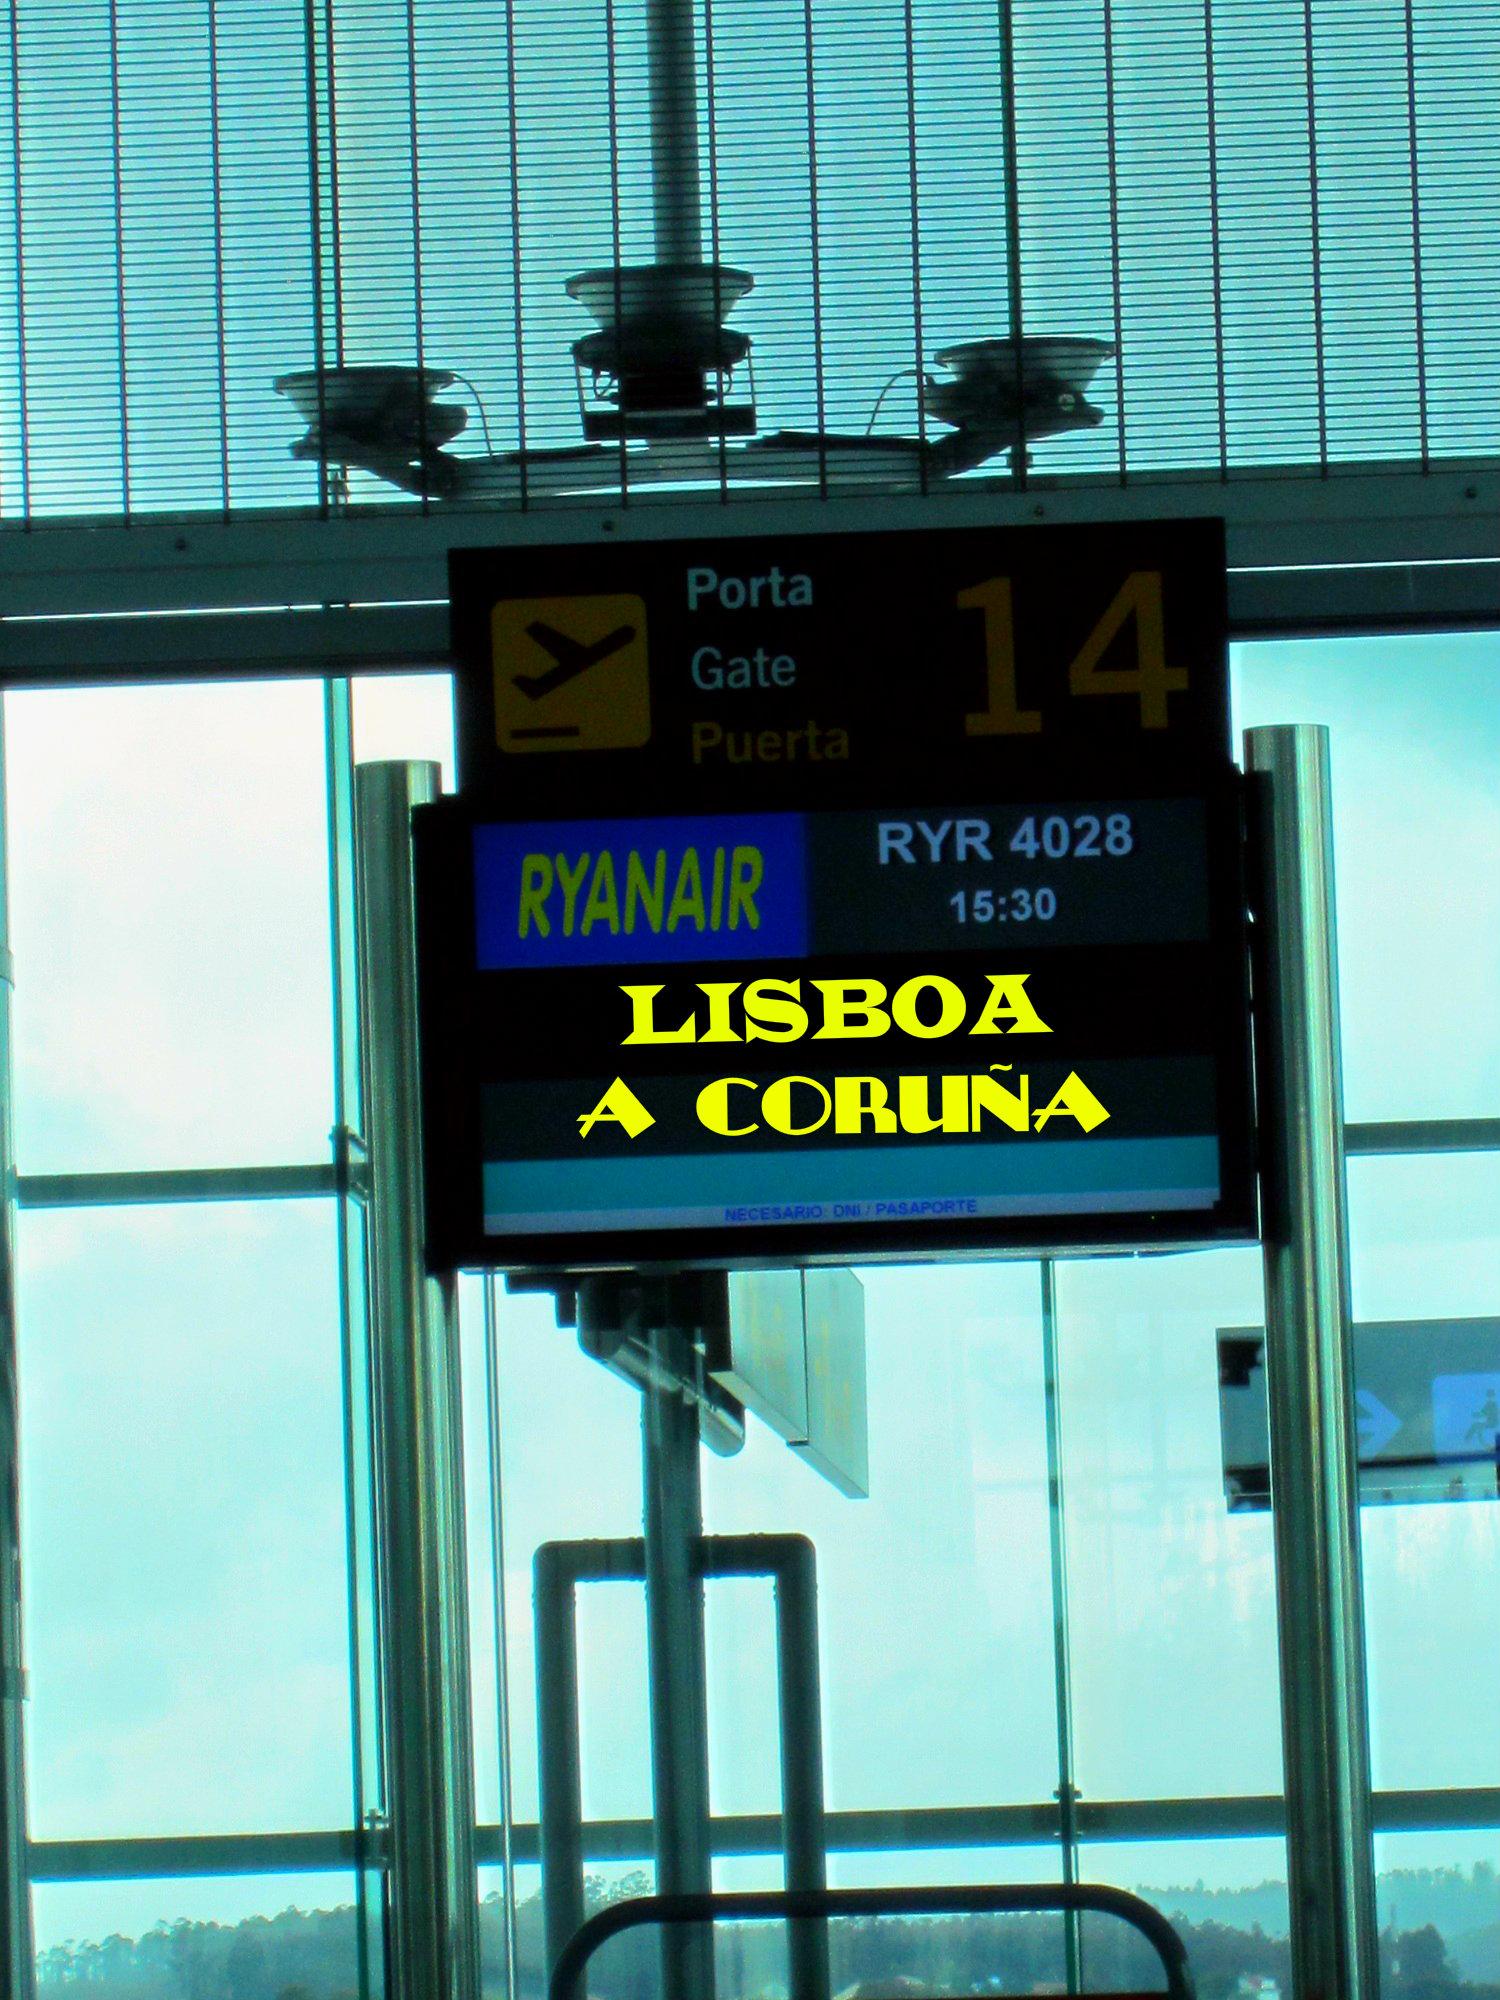 Lisboa - A Coruña, camino ya conocido entre Sporting Club de Portugal y Deportivo